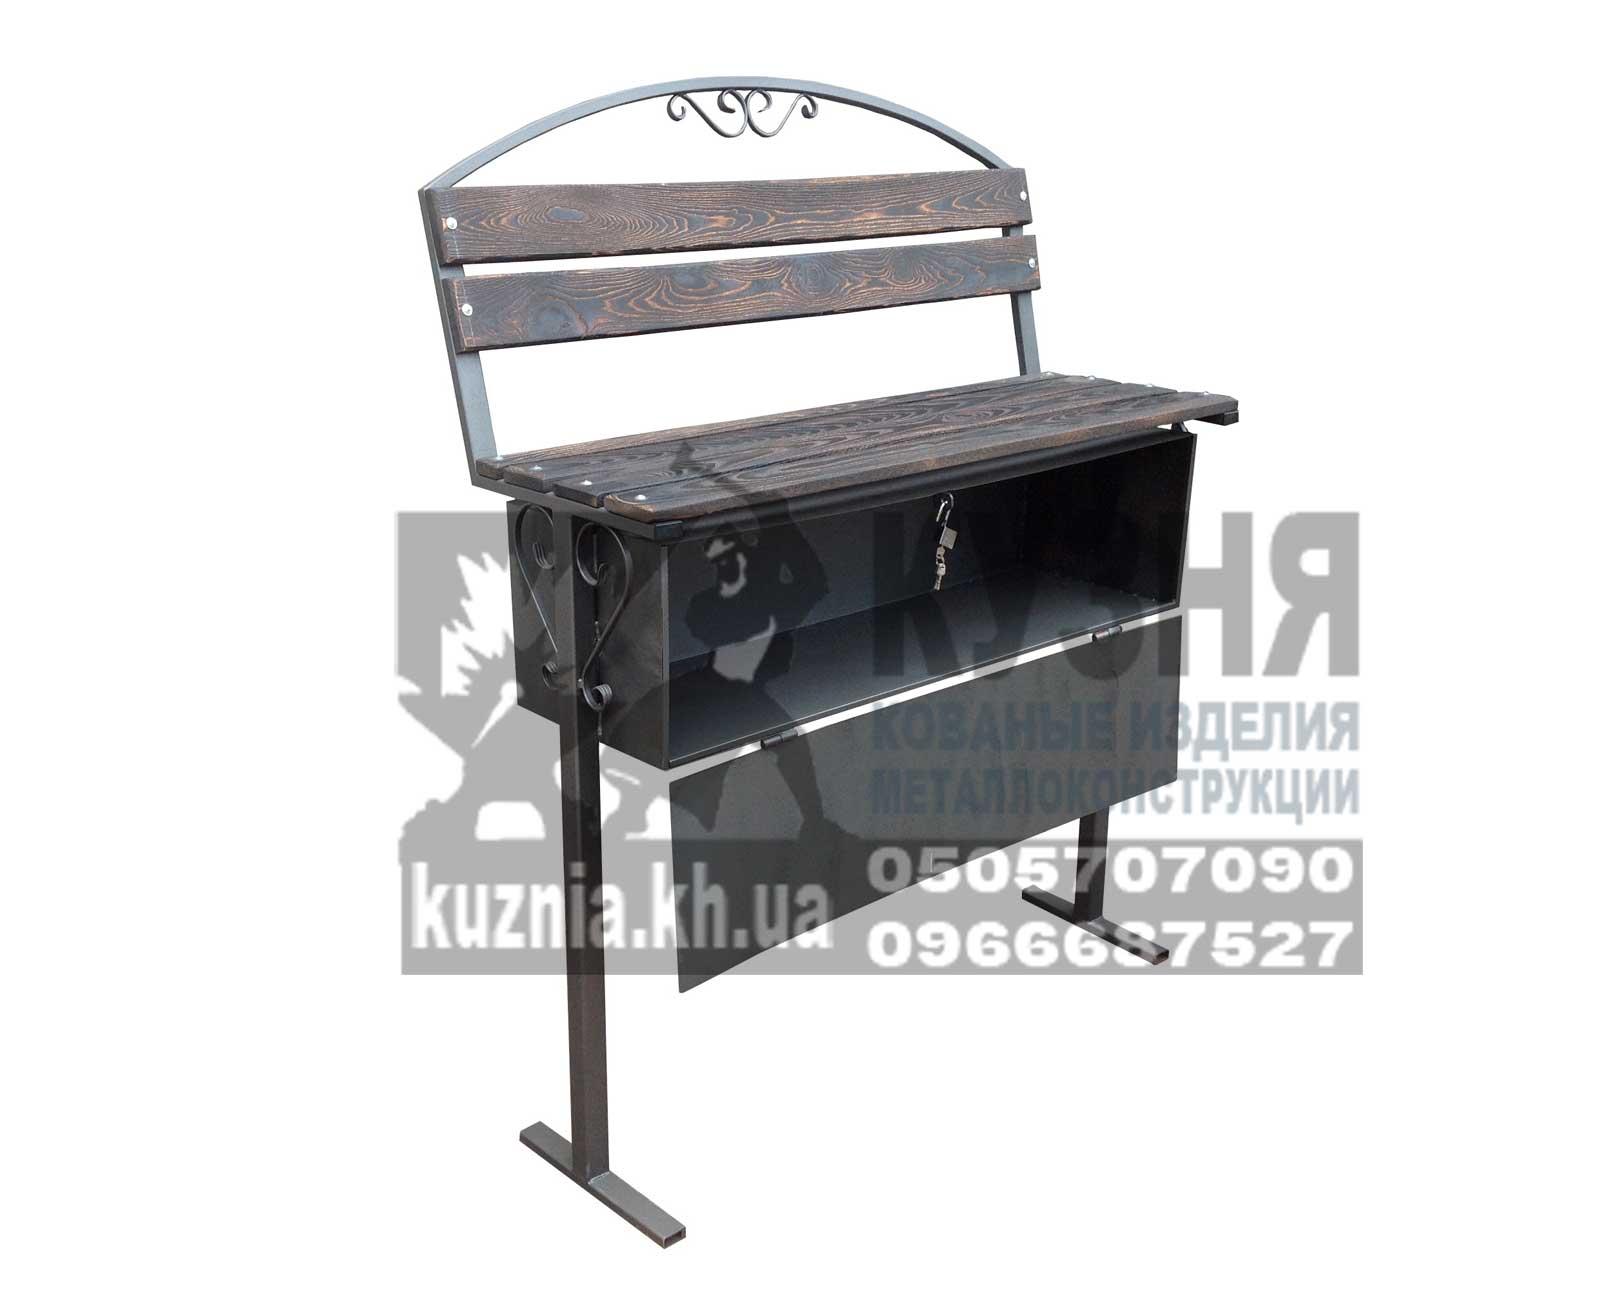 Сделать скамейку на кладбище со спинкой своими руками 65